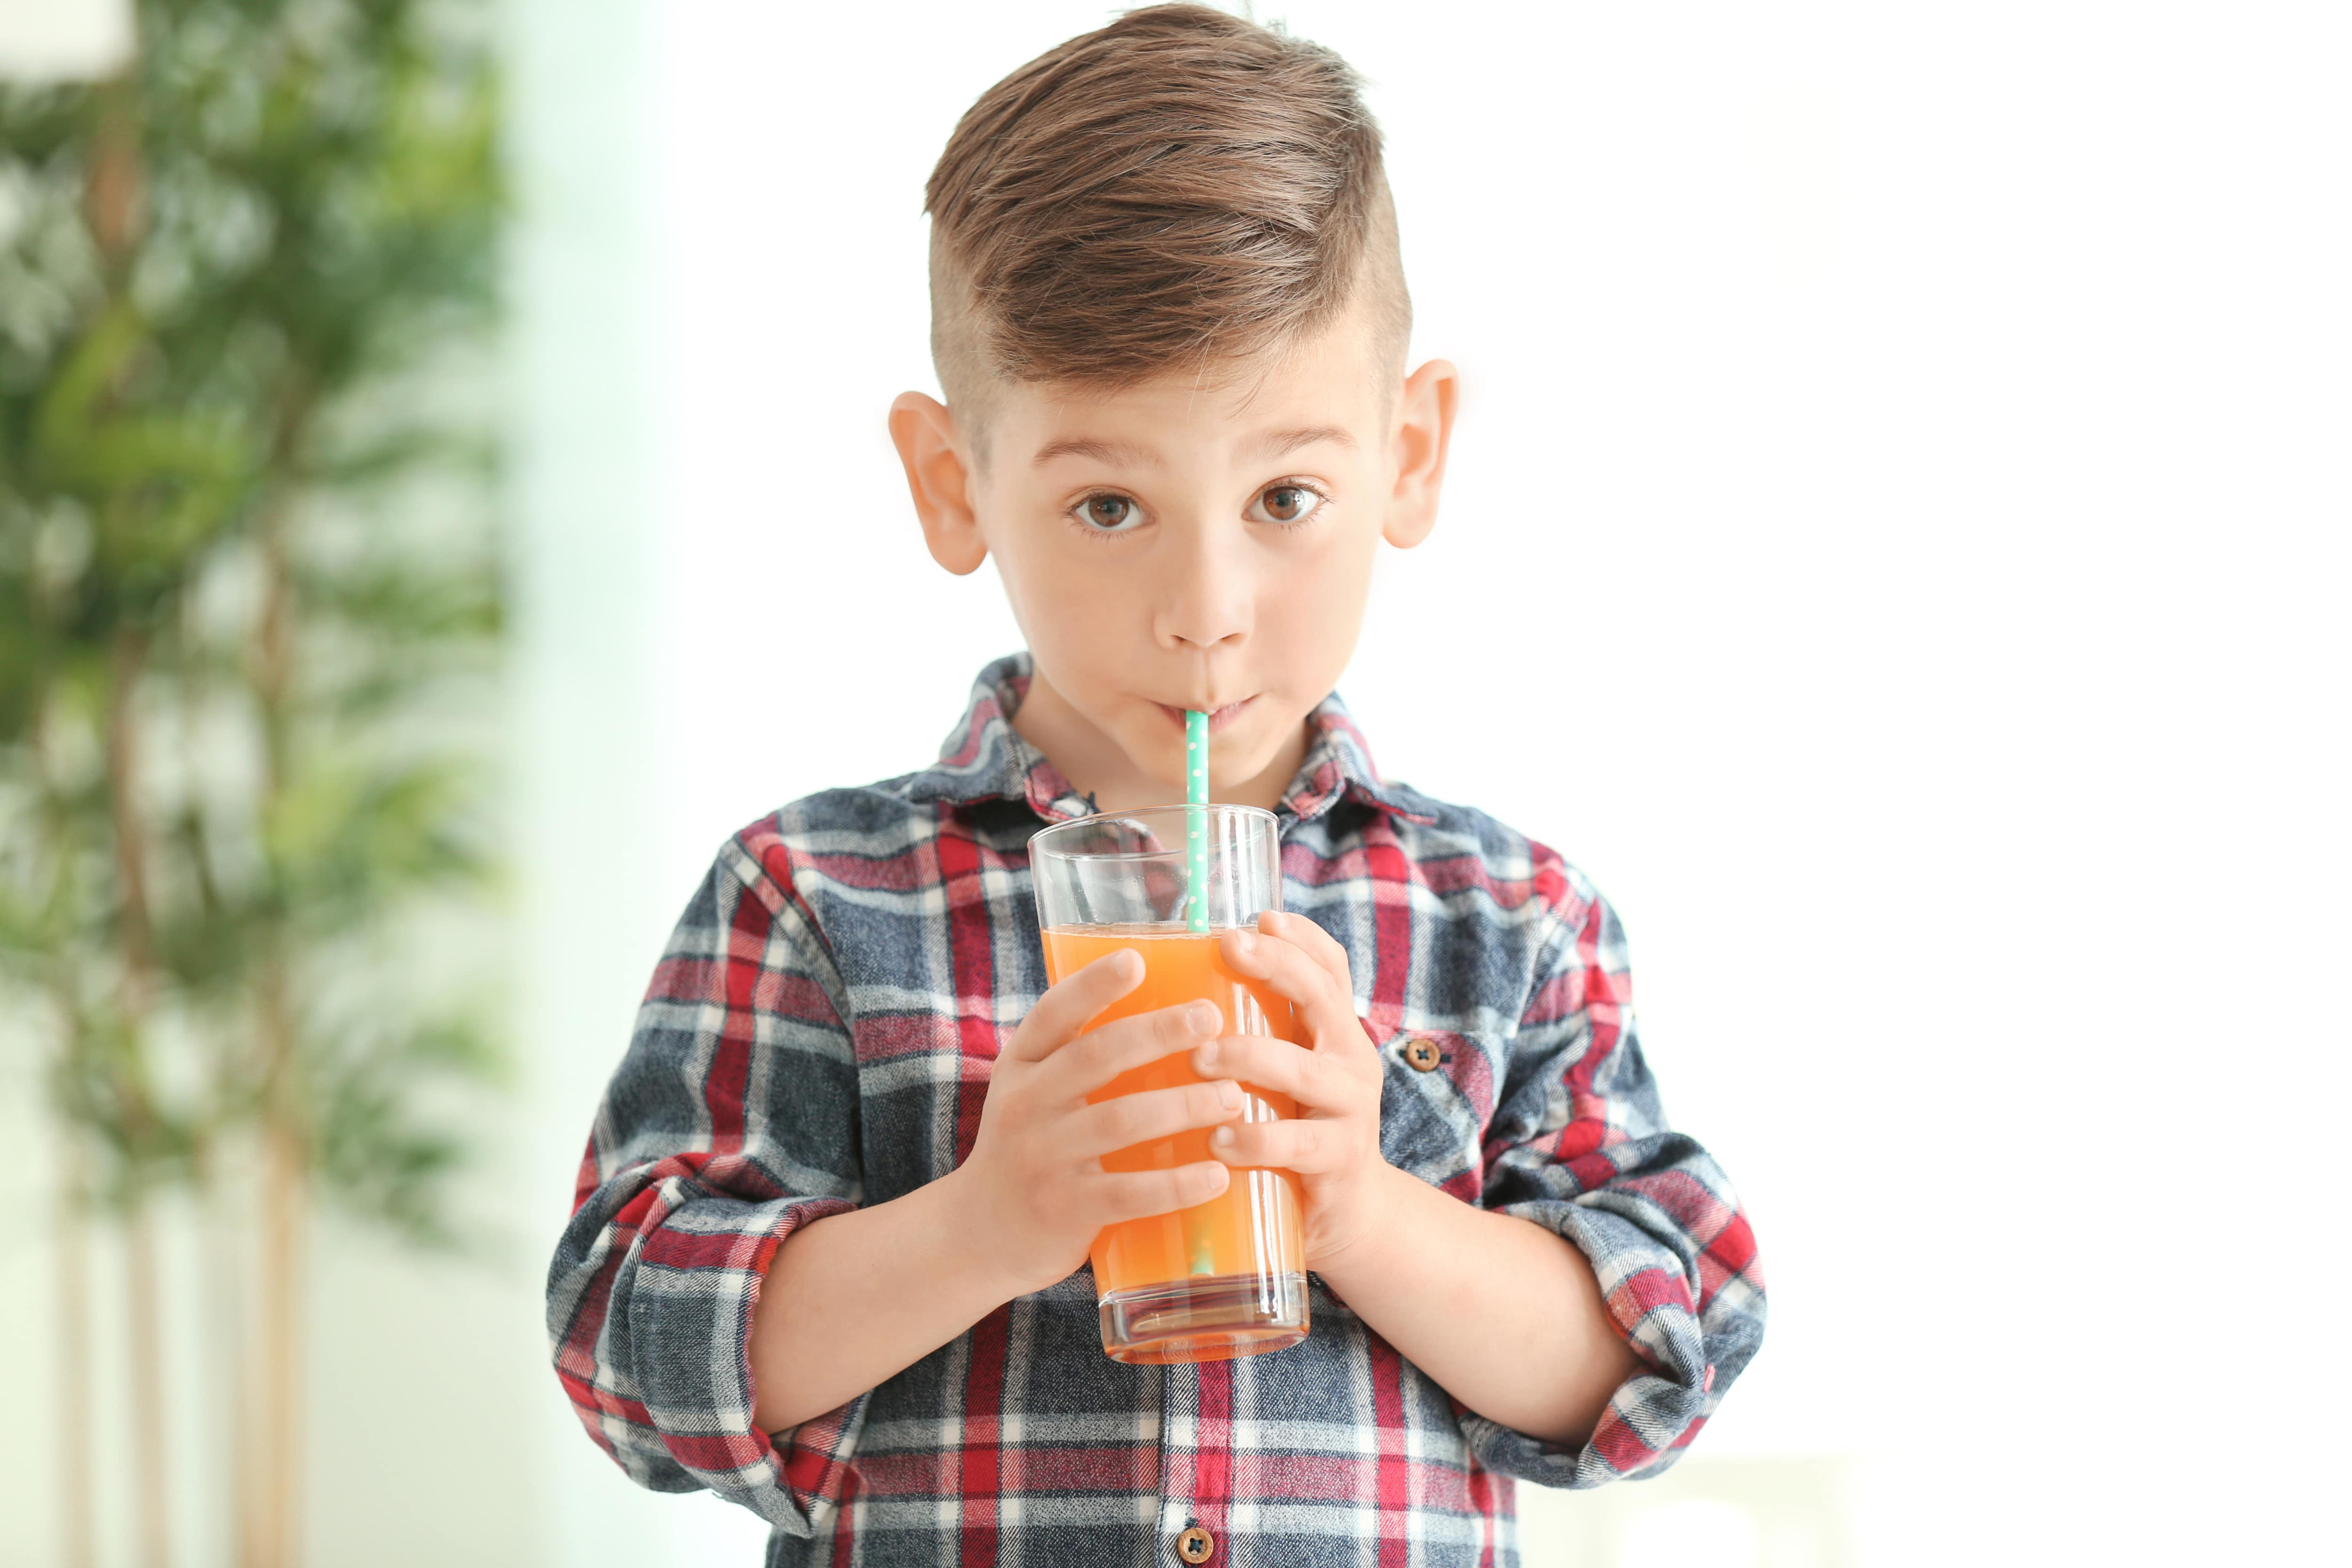 Ingerir líquidos claros antes de una cirugía es seguro para los niños